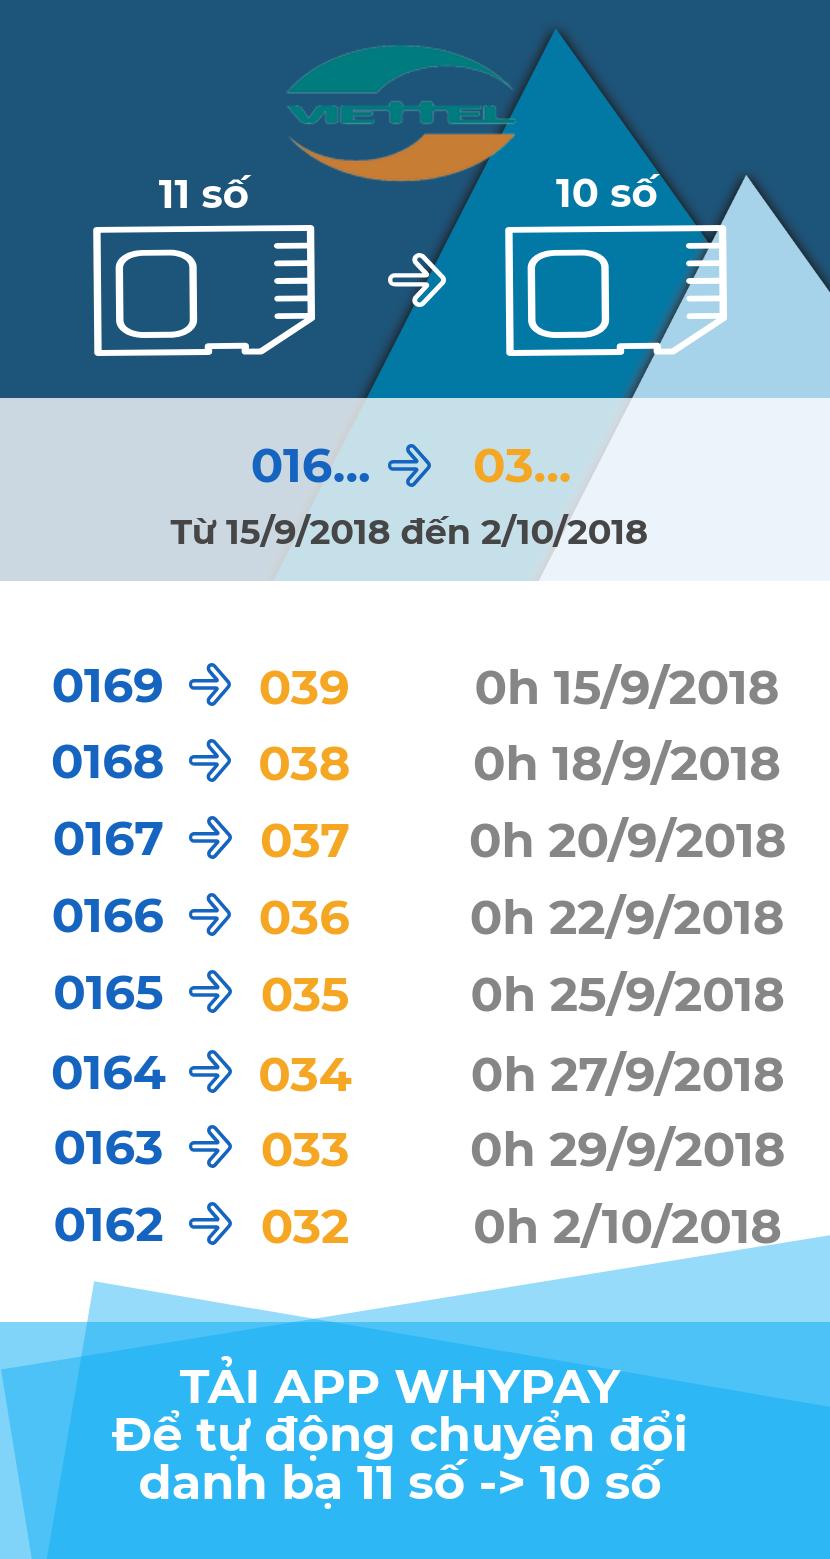 Đầu số viettel 0166 chuyển thành đầu số nào?